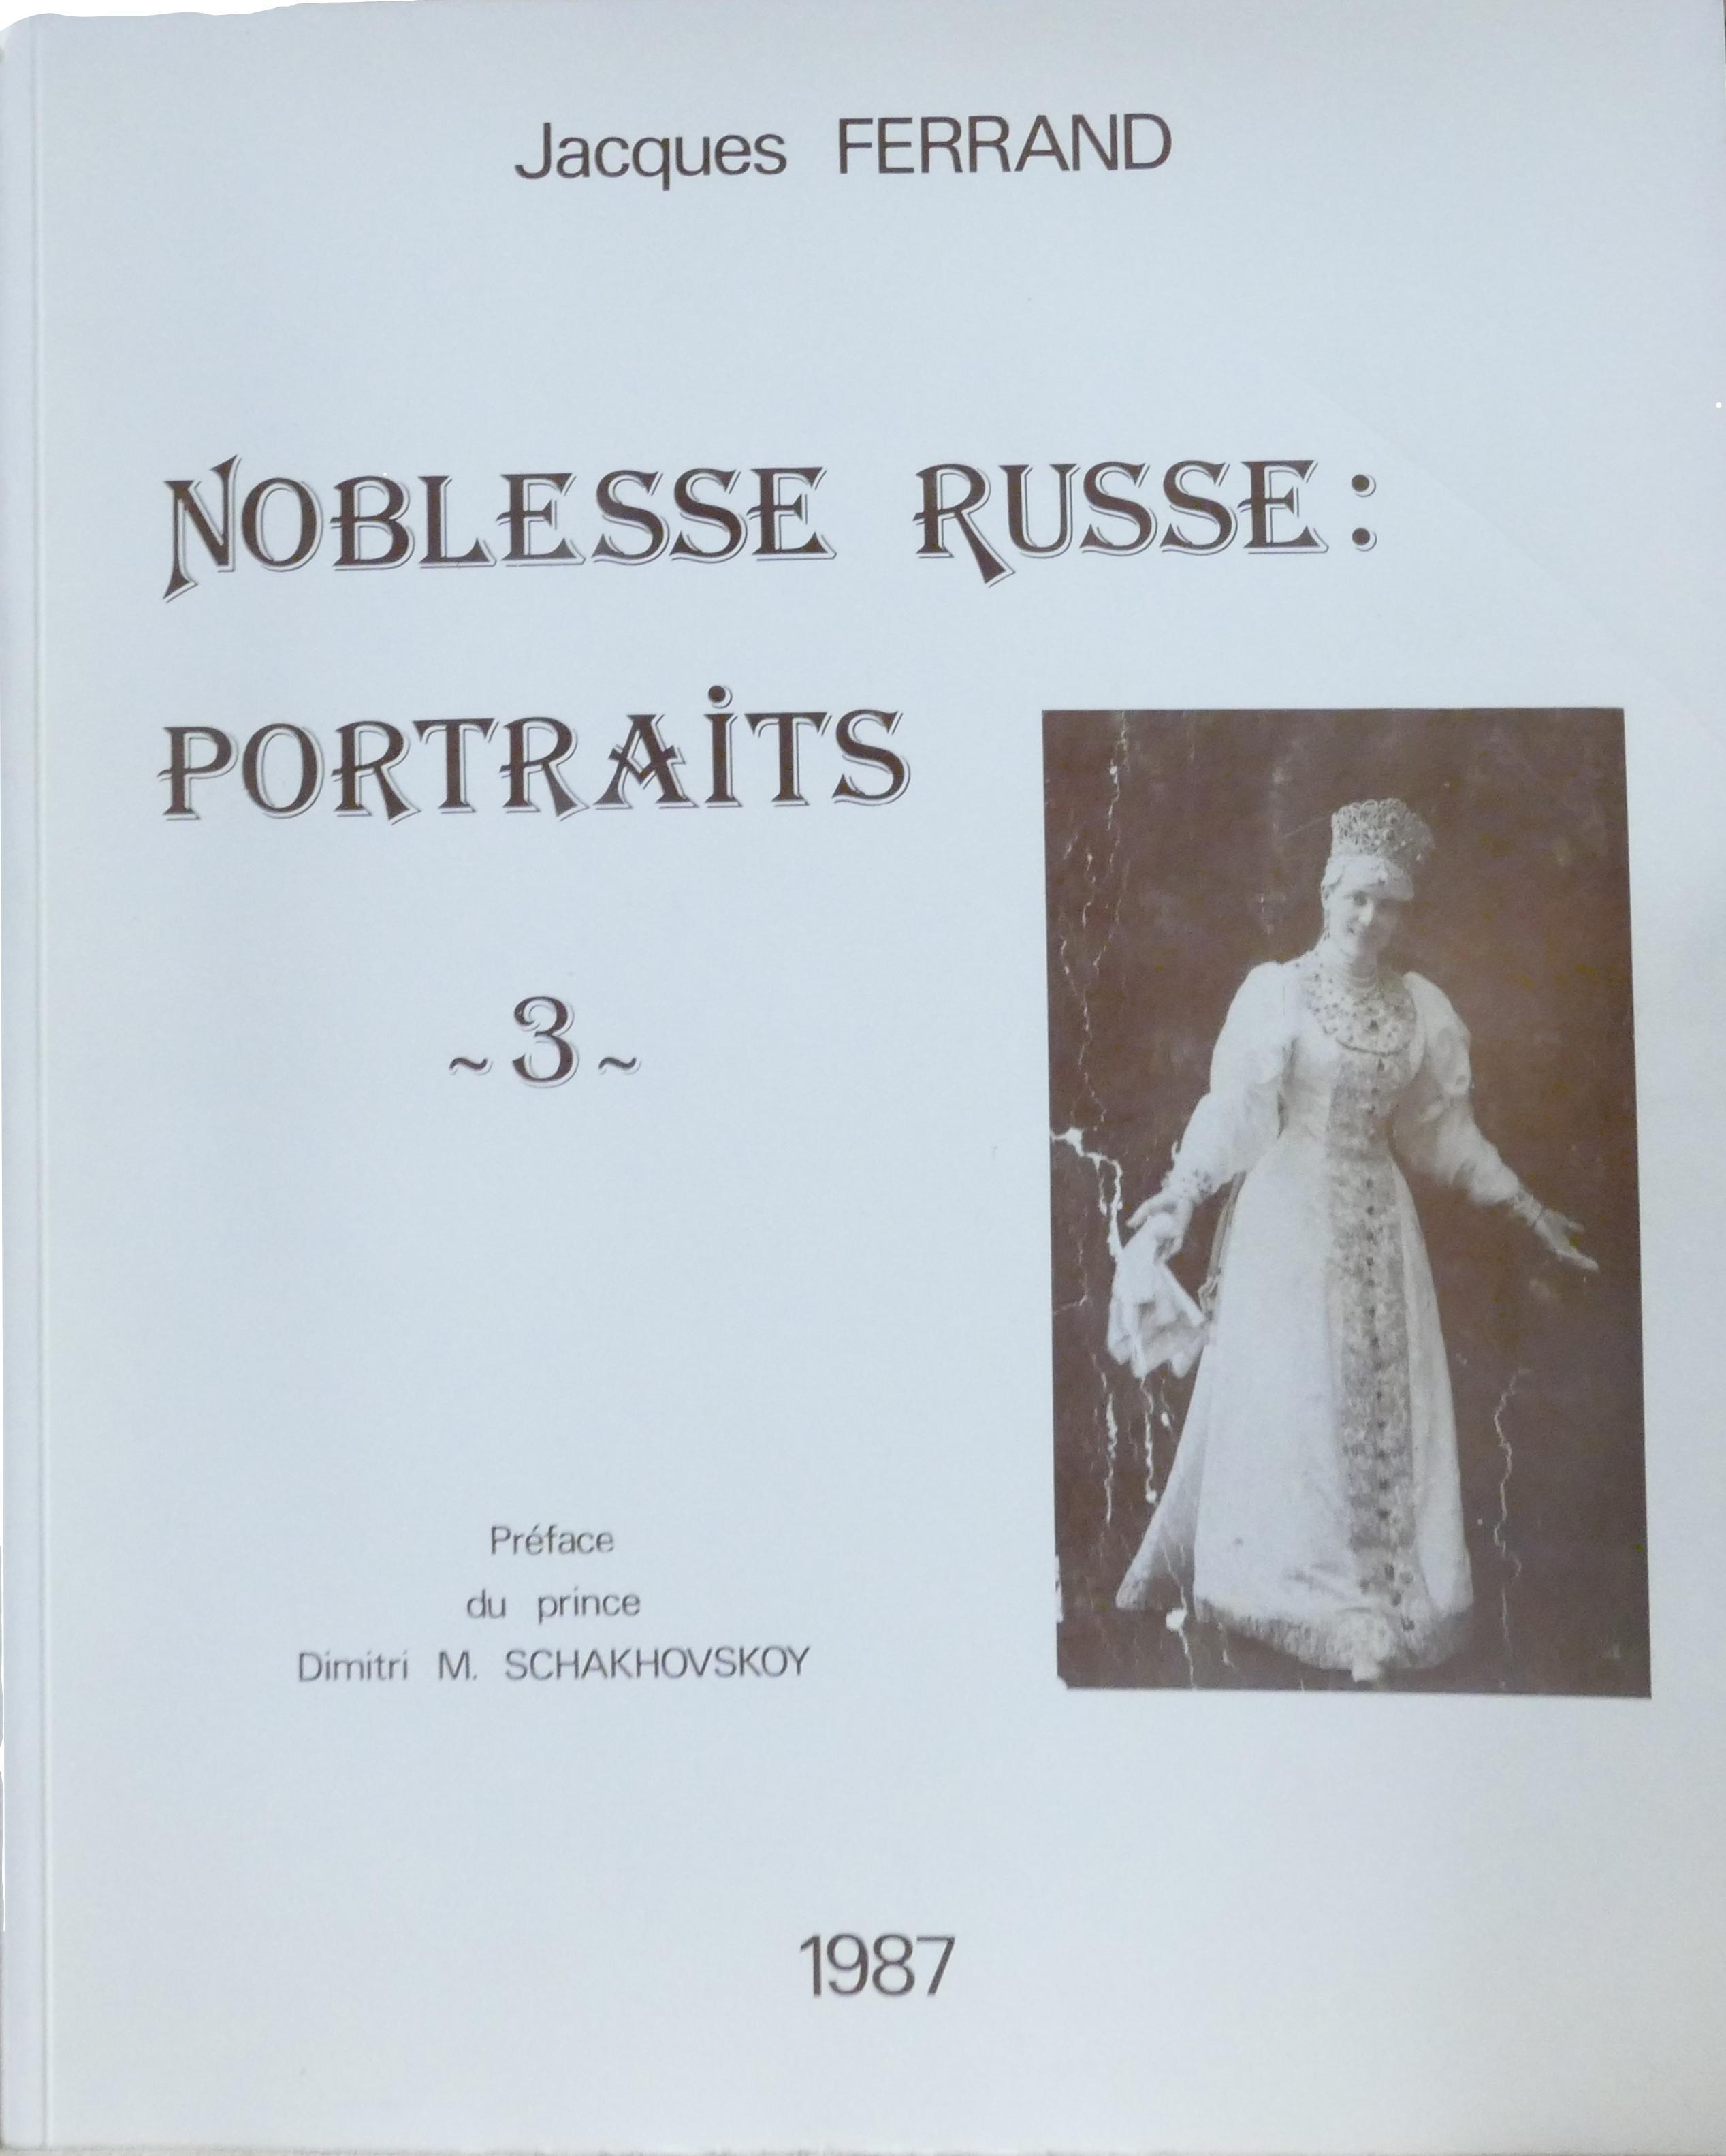 JACQUES FERRAND (1943-2007) Noblesse russe: Portraits Préf. du prince Dimitri M. Schakhovskoy et - Image 8 of 12